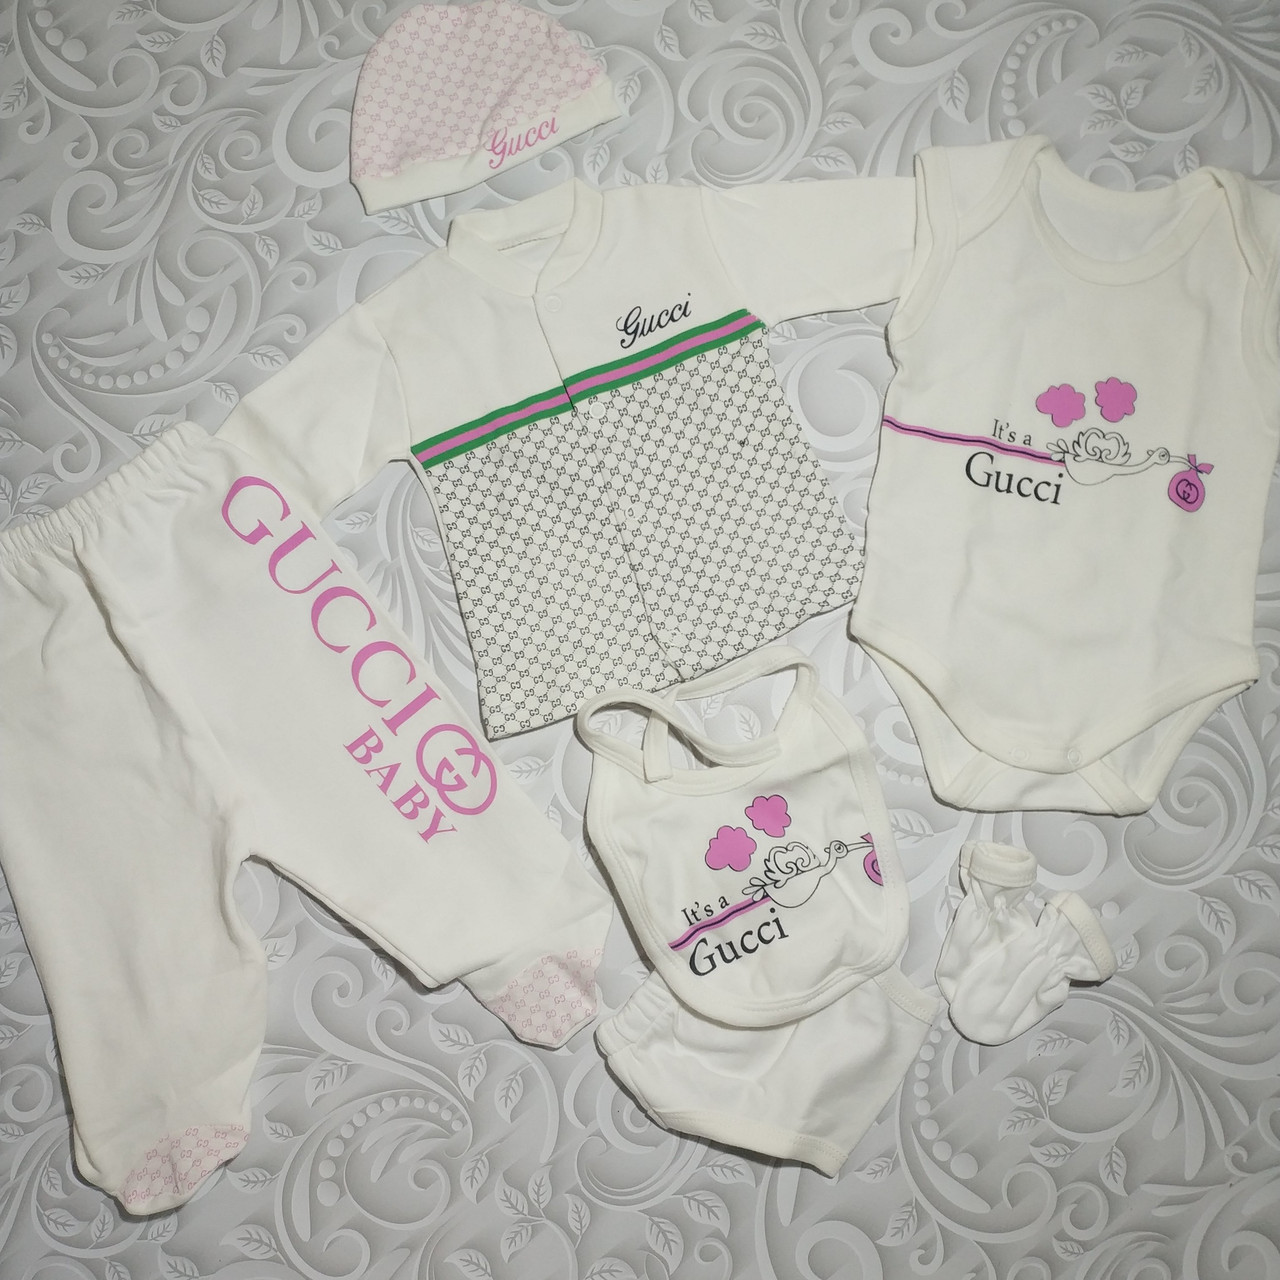 Набор для новорожденного Gucci baby, 7 предметов.